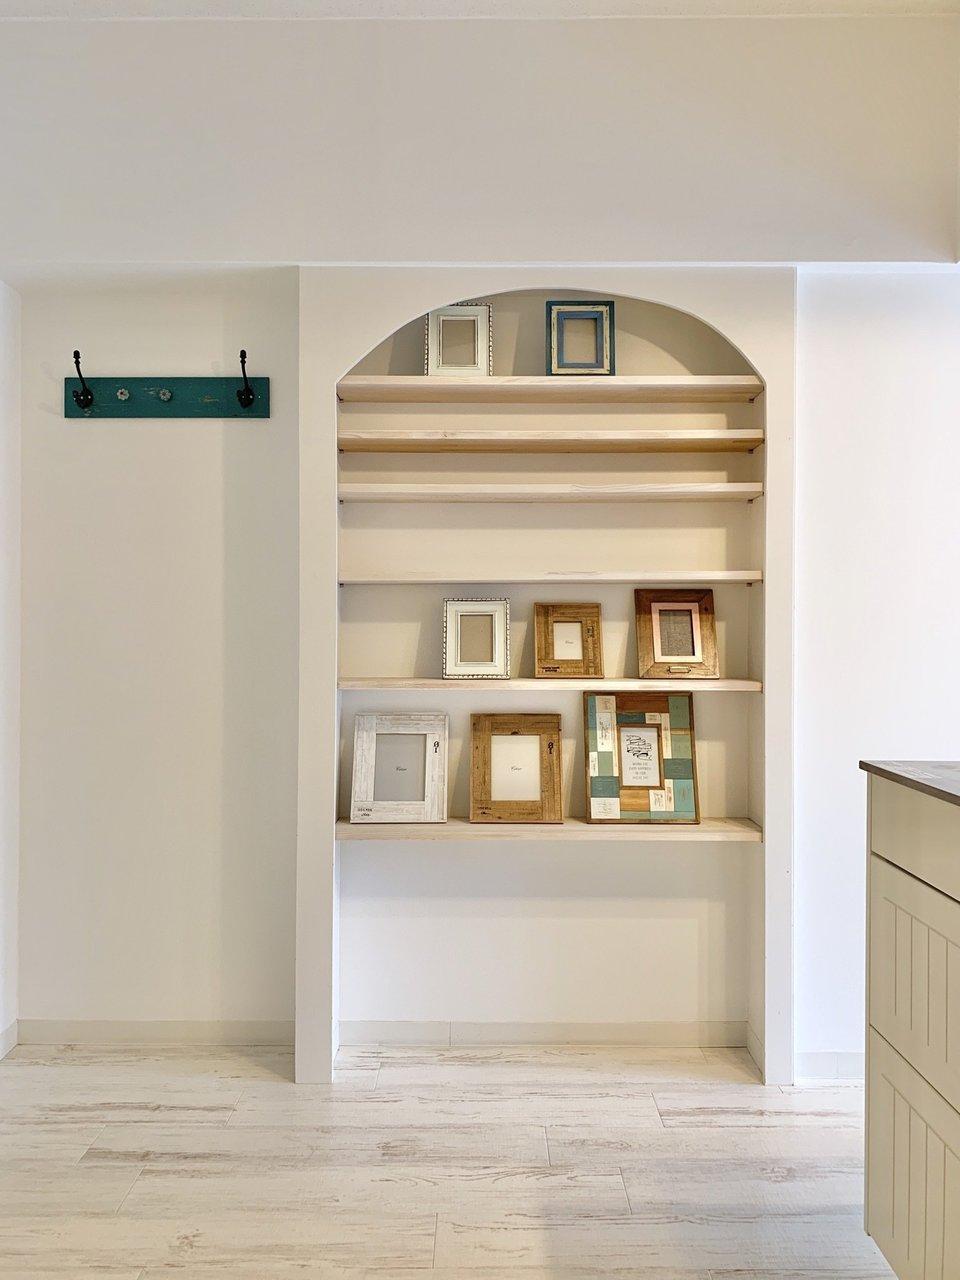 キッチン横に備え付けられた棚もアーチ状になっていて目を惹きます。お気に入りの食器を並べたり、雑貨をディスプレイしたりしてみましょう。